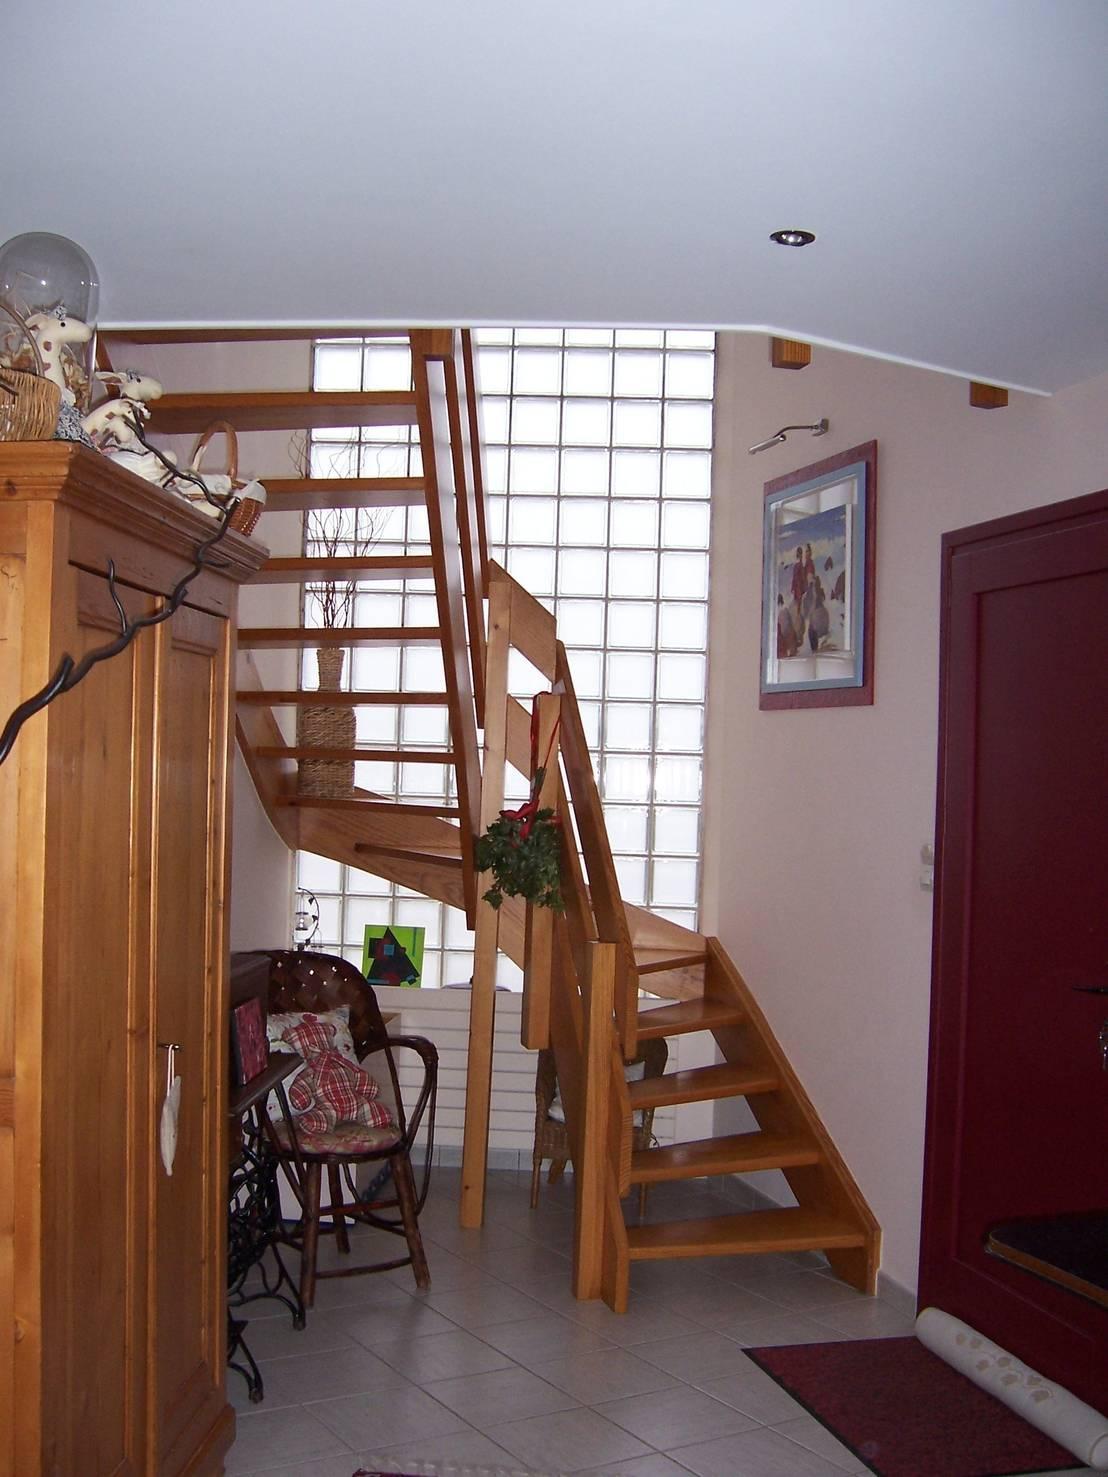 Am nagement d 39 une ancienne mezzanine par emilie bigorne architecte d 39 - Amenagement maison ancienne ...